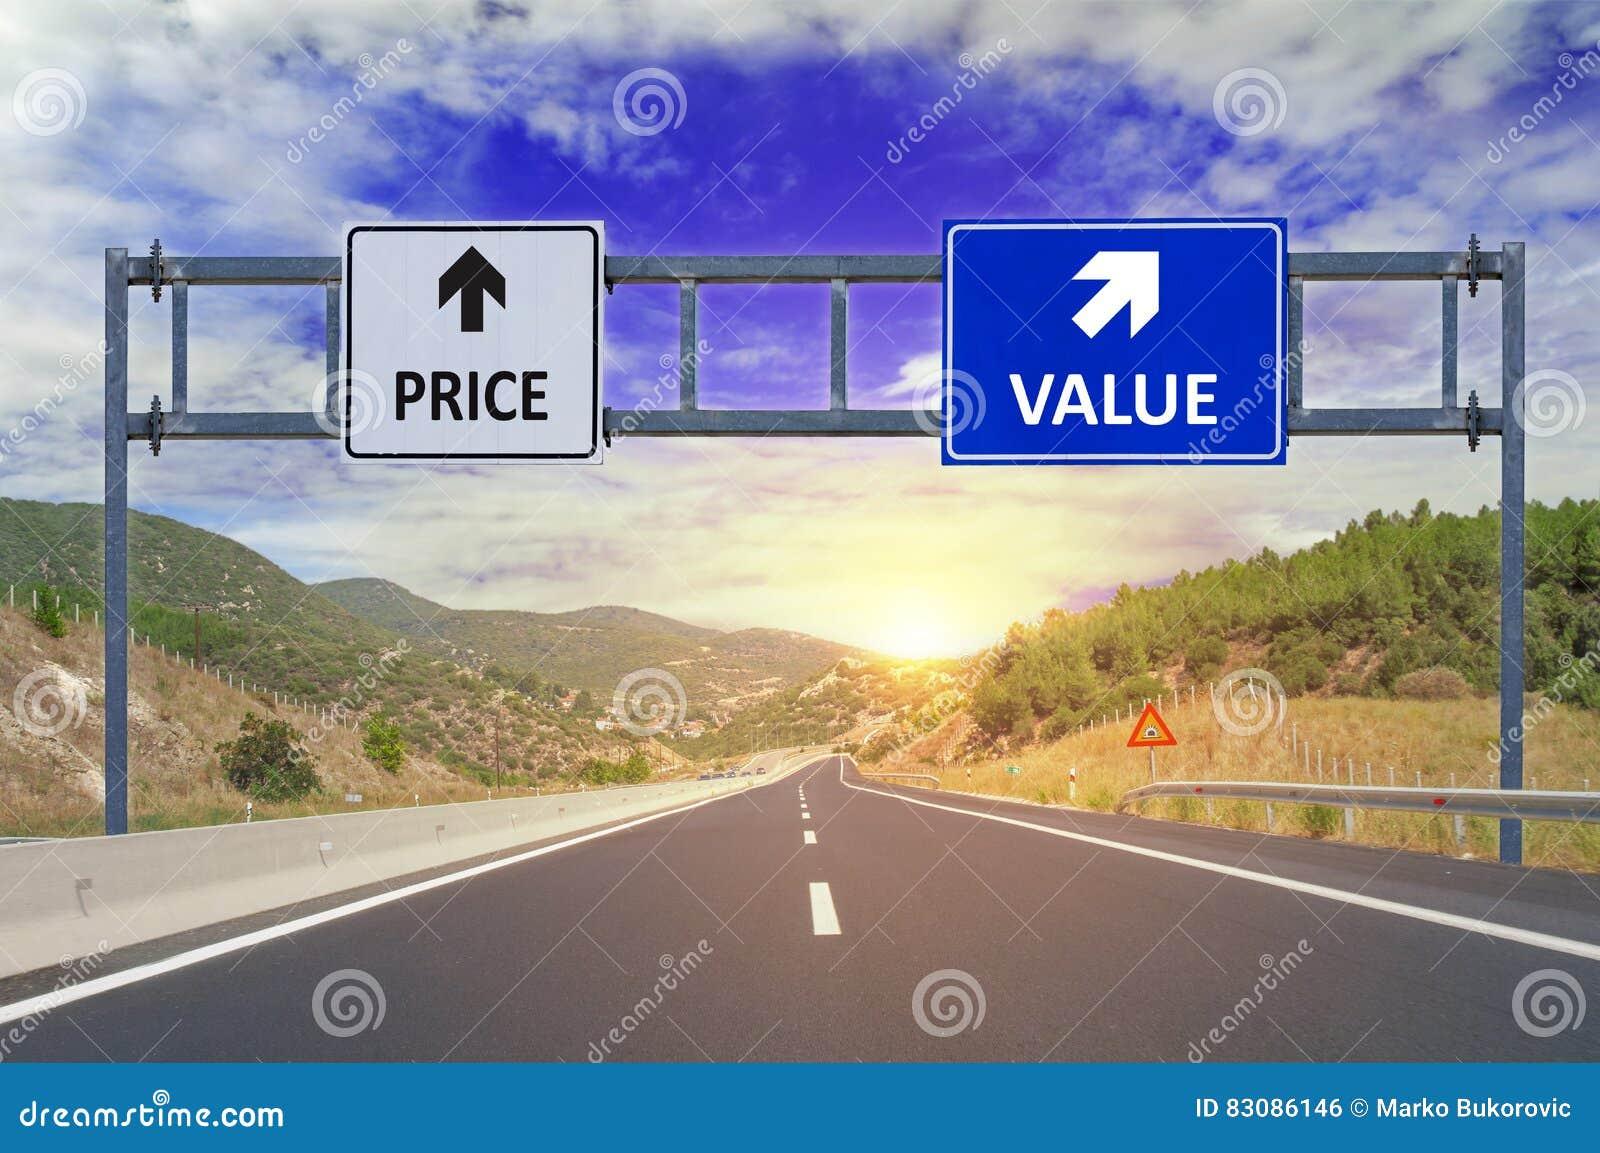 Цена и значение 2 вариантов на дорожных знаках на шоссе